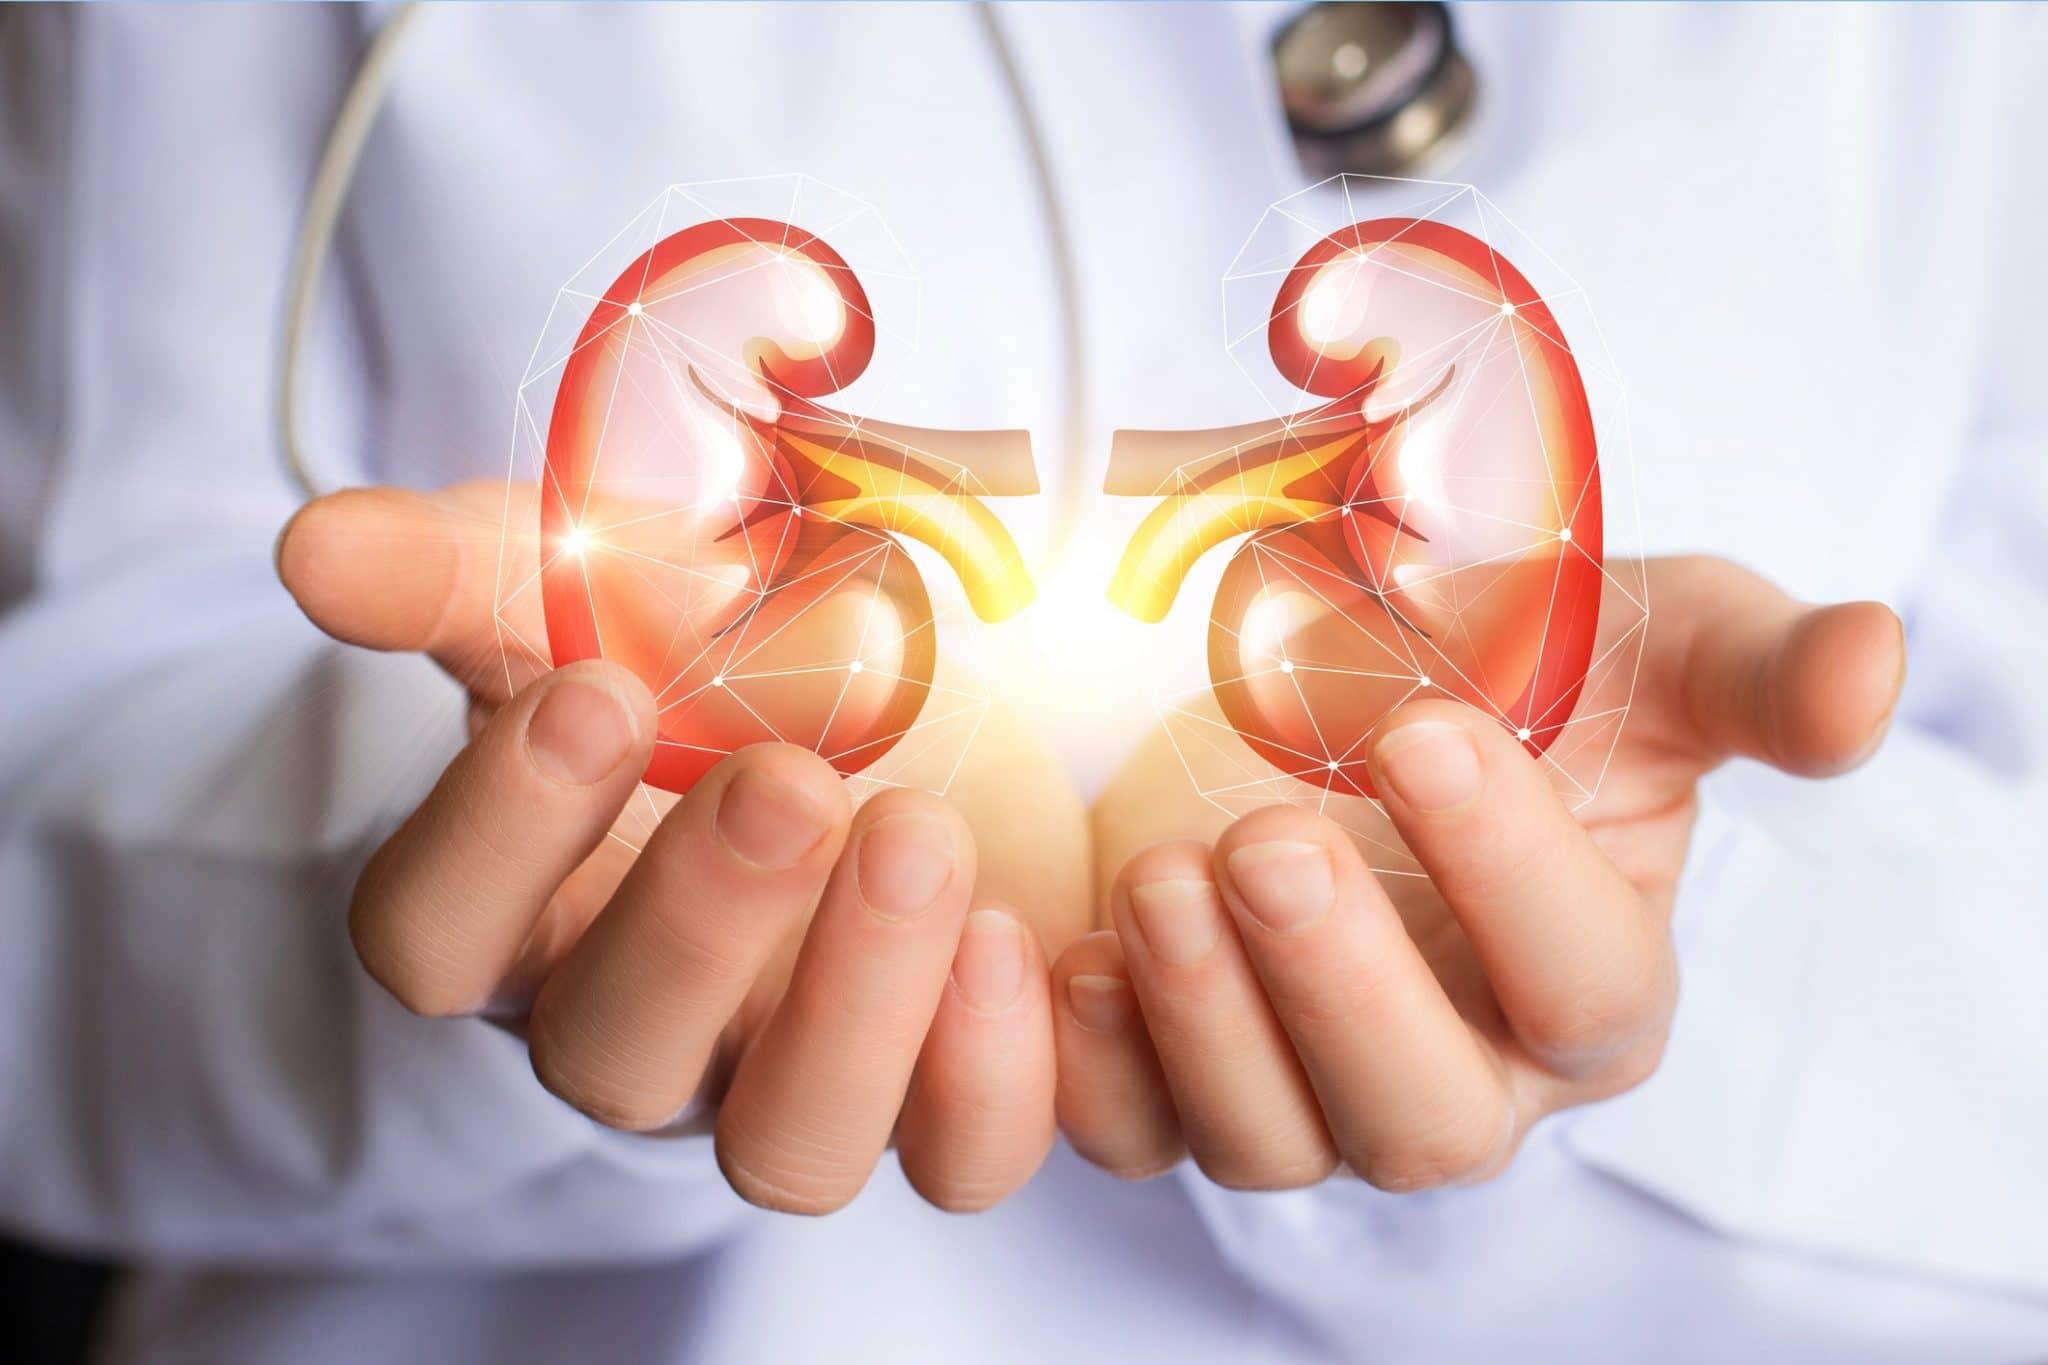 Insuficiencia renal: ¡el diagnóstico temprano puede salvar una vida!  - África Top Success